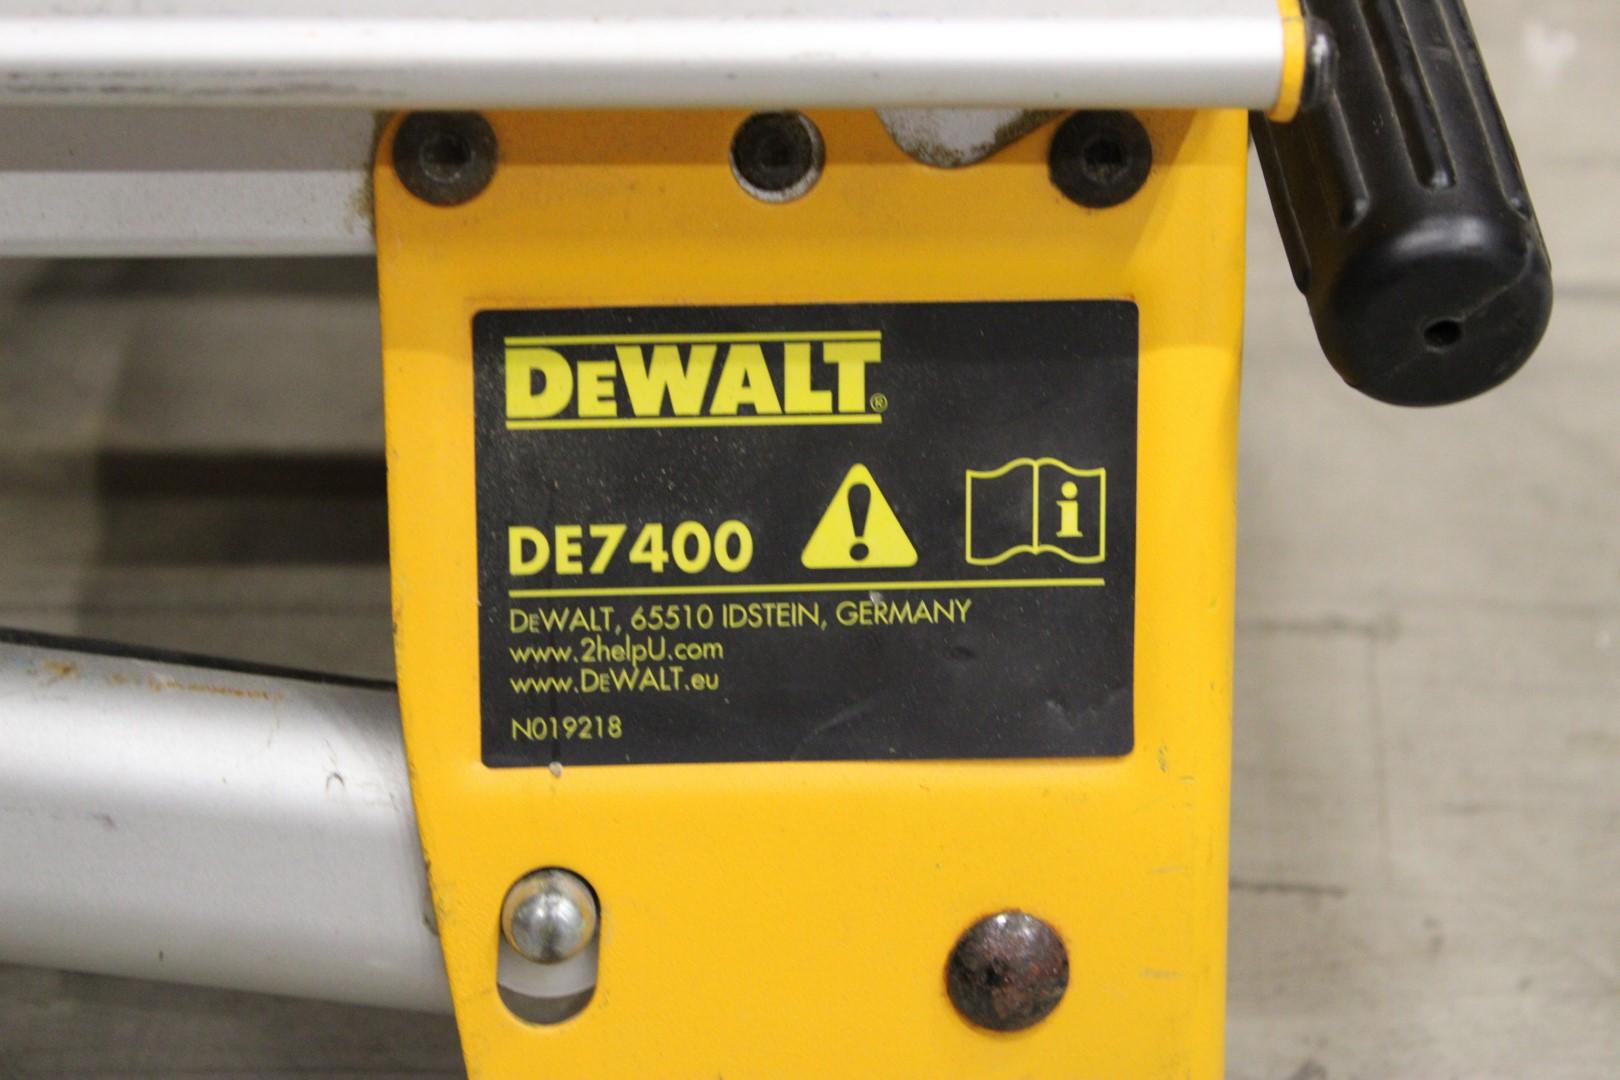 Fantastisk Kapsåg med sågbord, DeWalt DW745-QS / DE7400 - PS Auction – Vi YZ-17